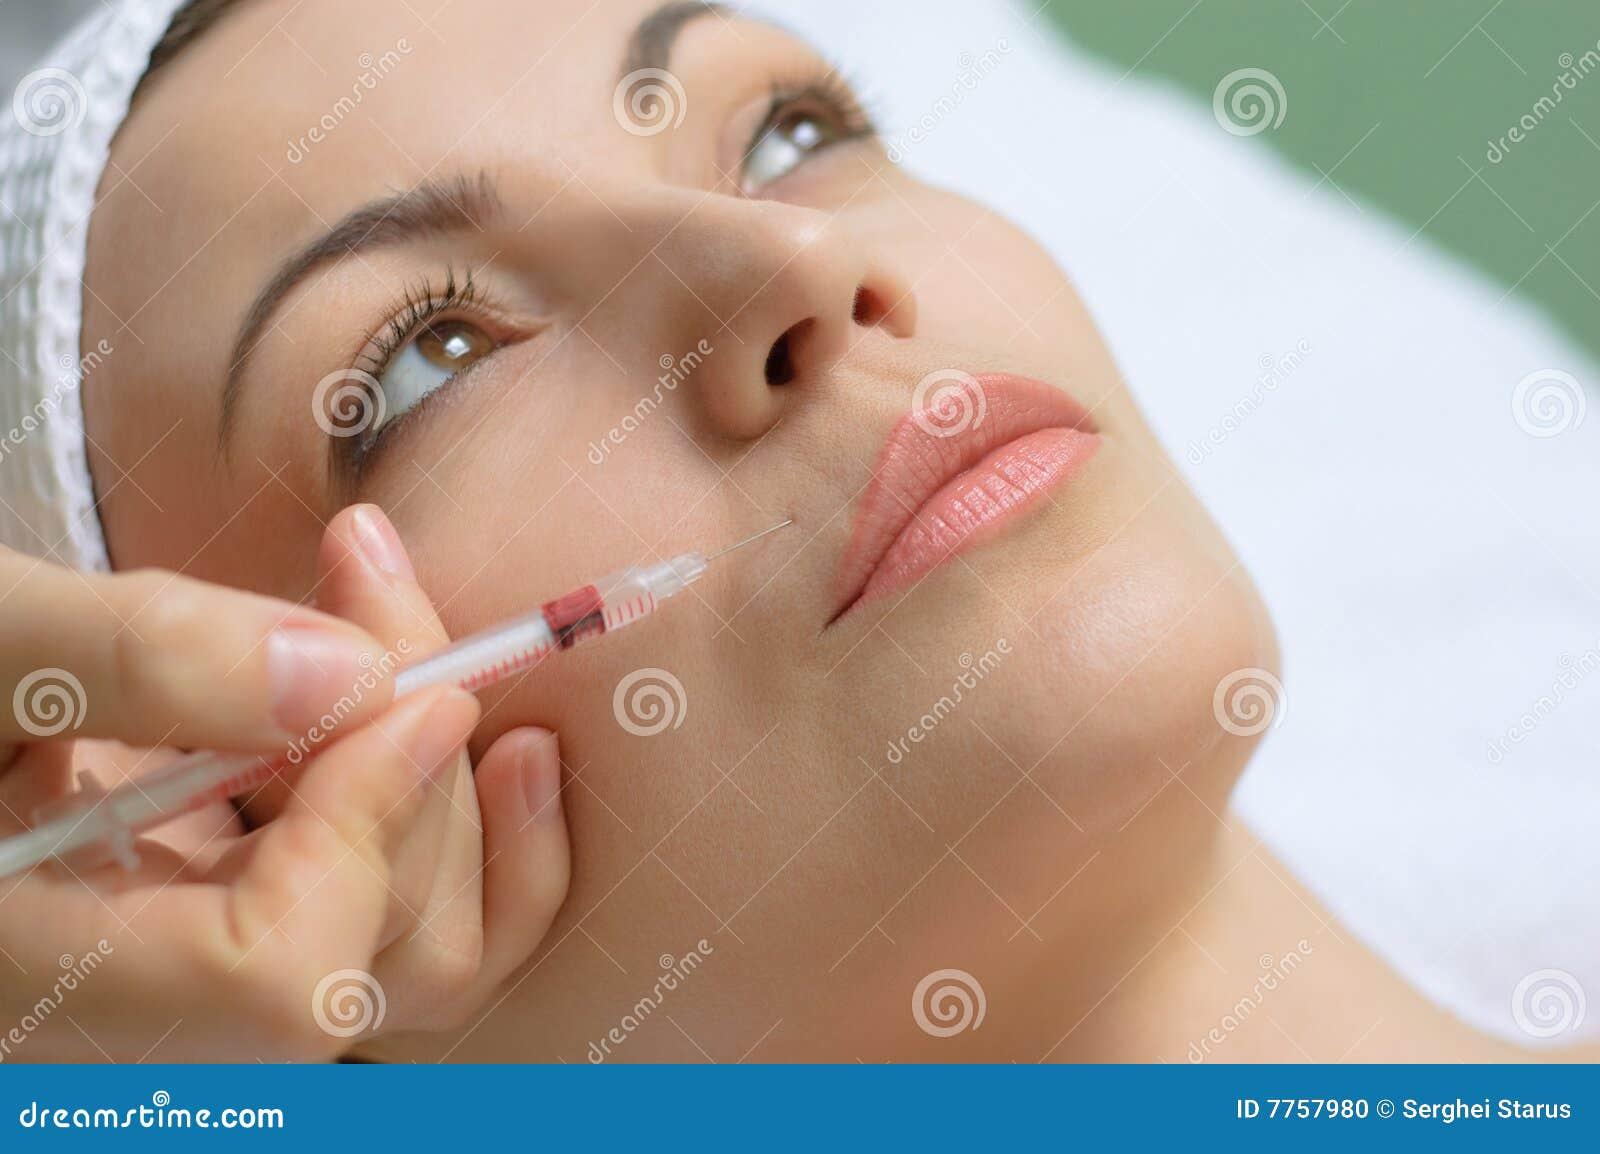 La fluitazione di cerchi iridescenti in un occhio